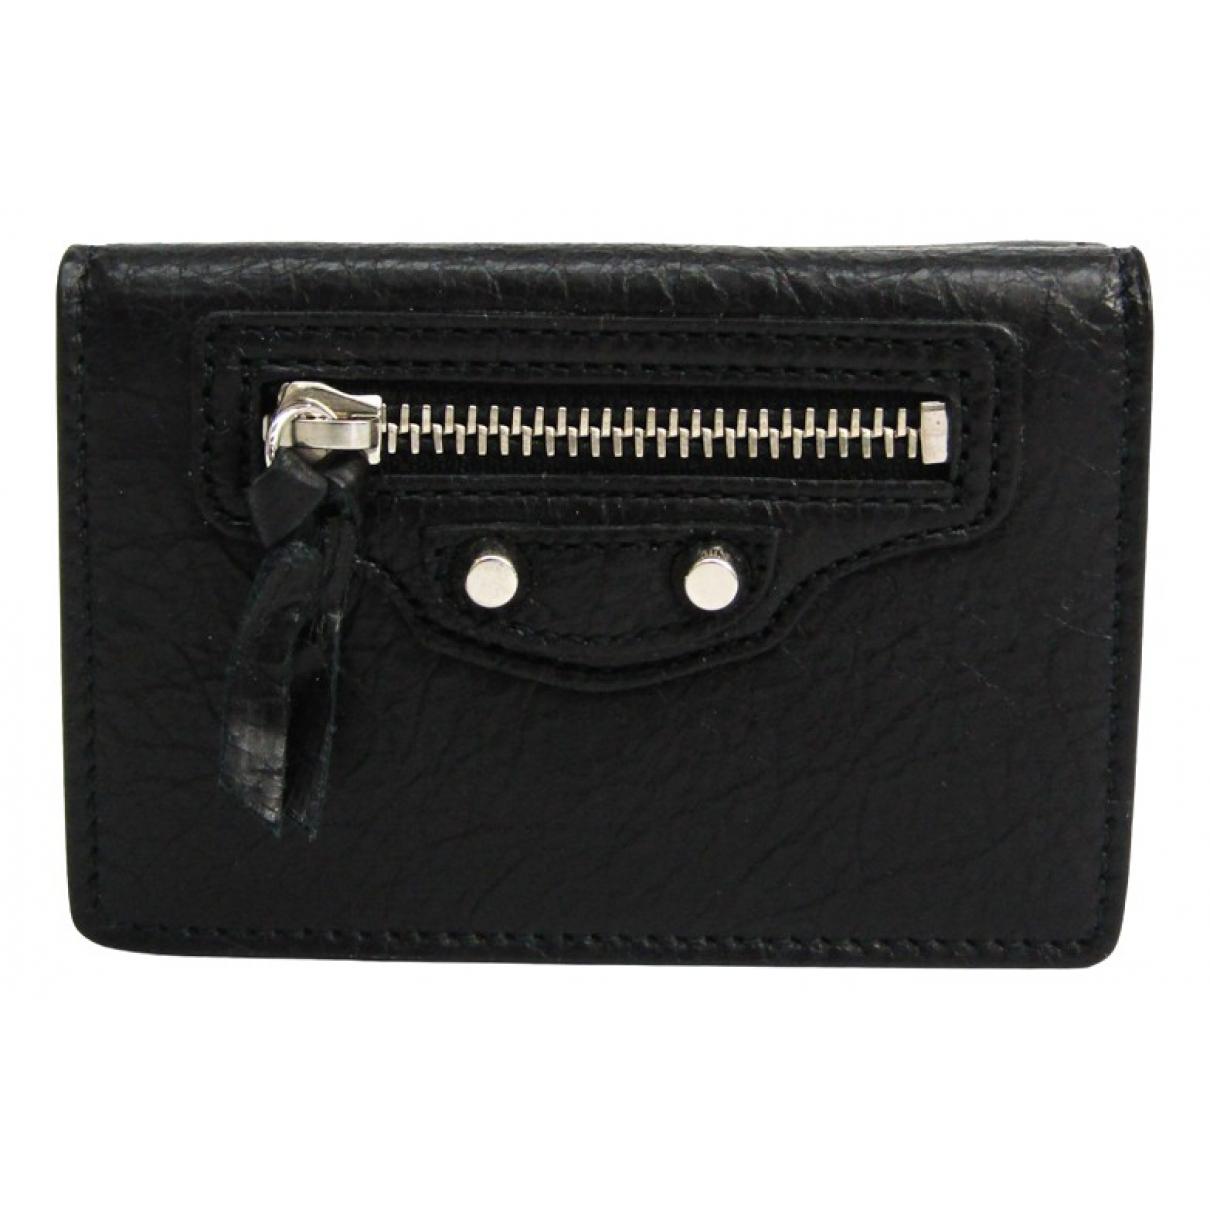 Balenciaga \N Black Leather wallet for Women \N